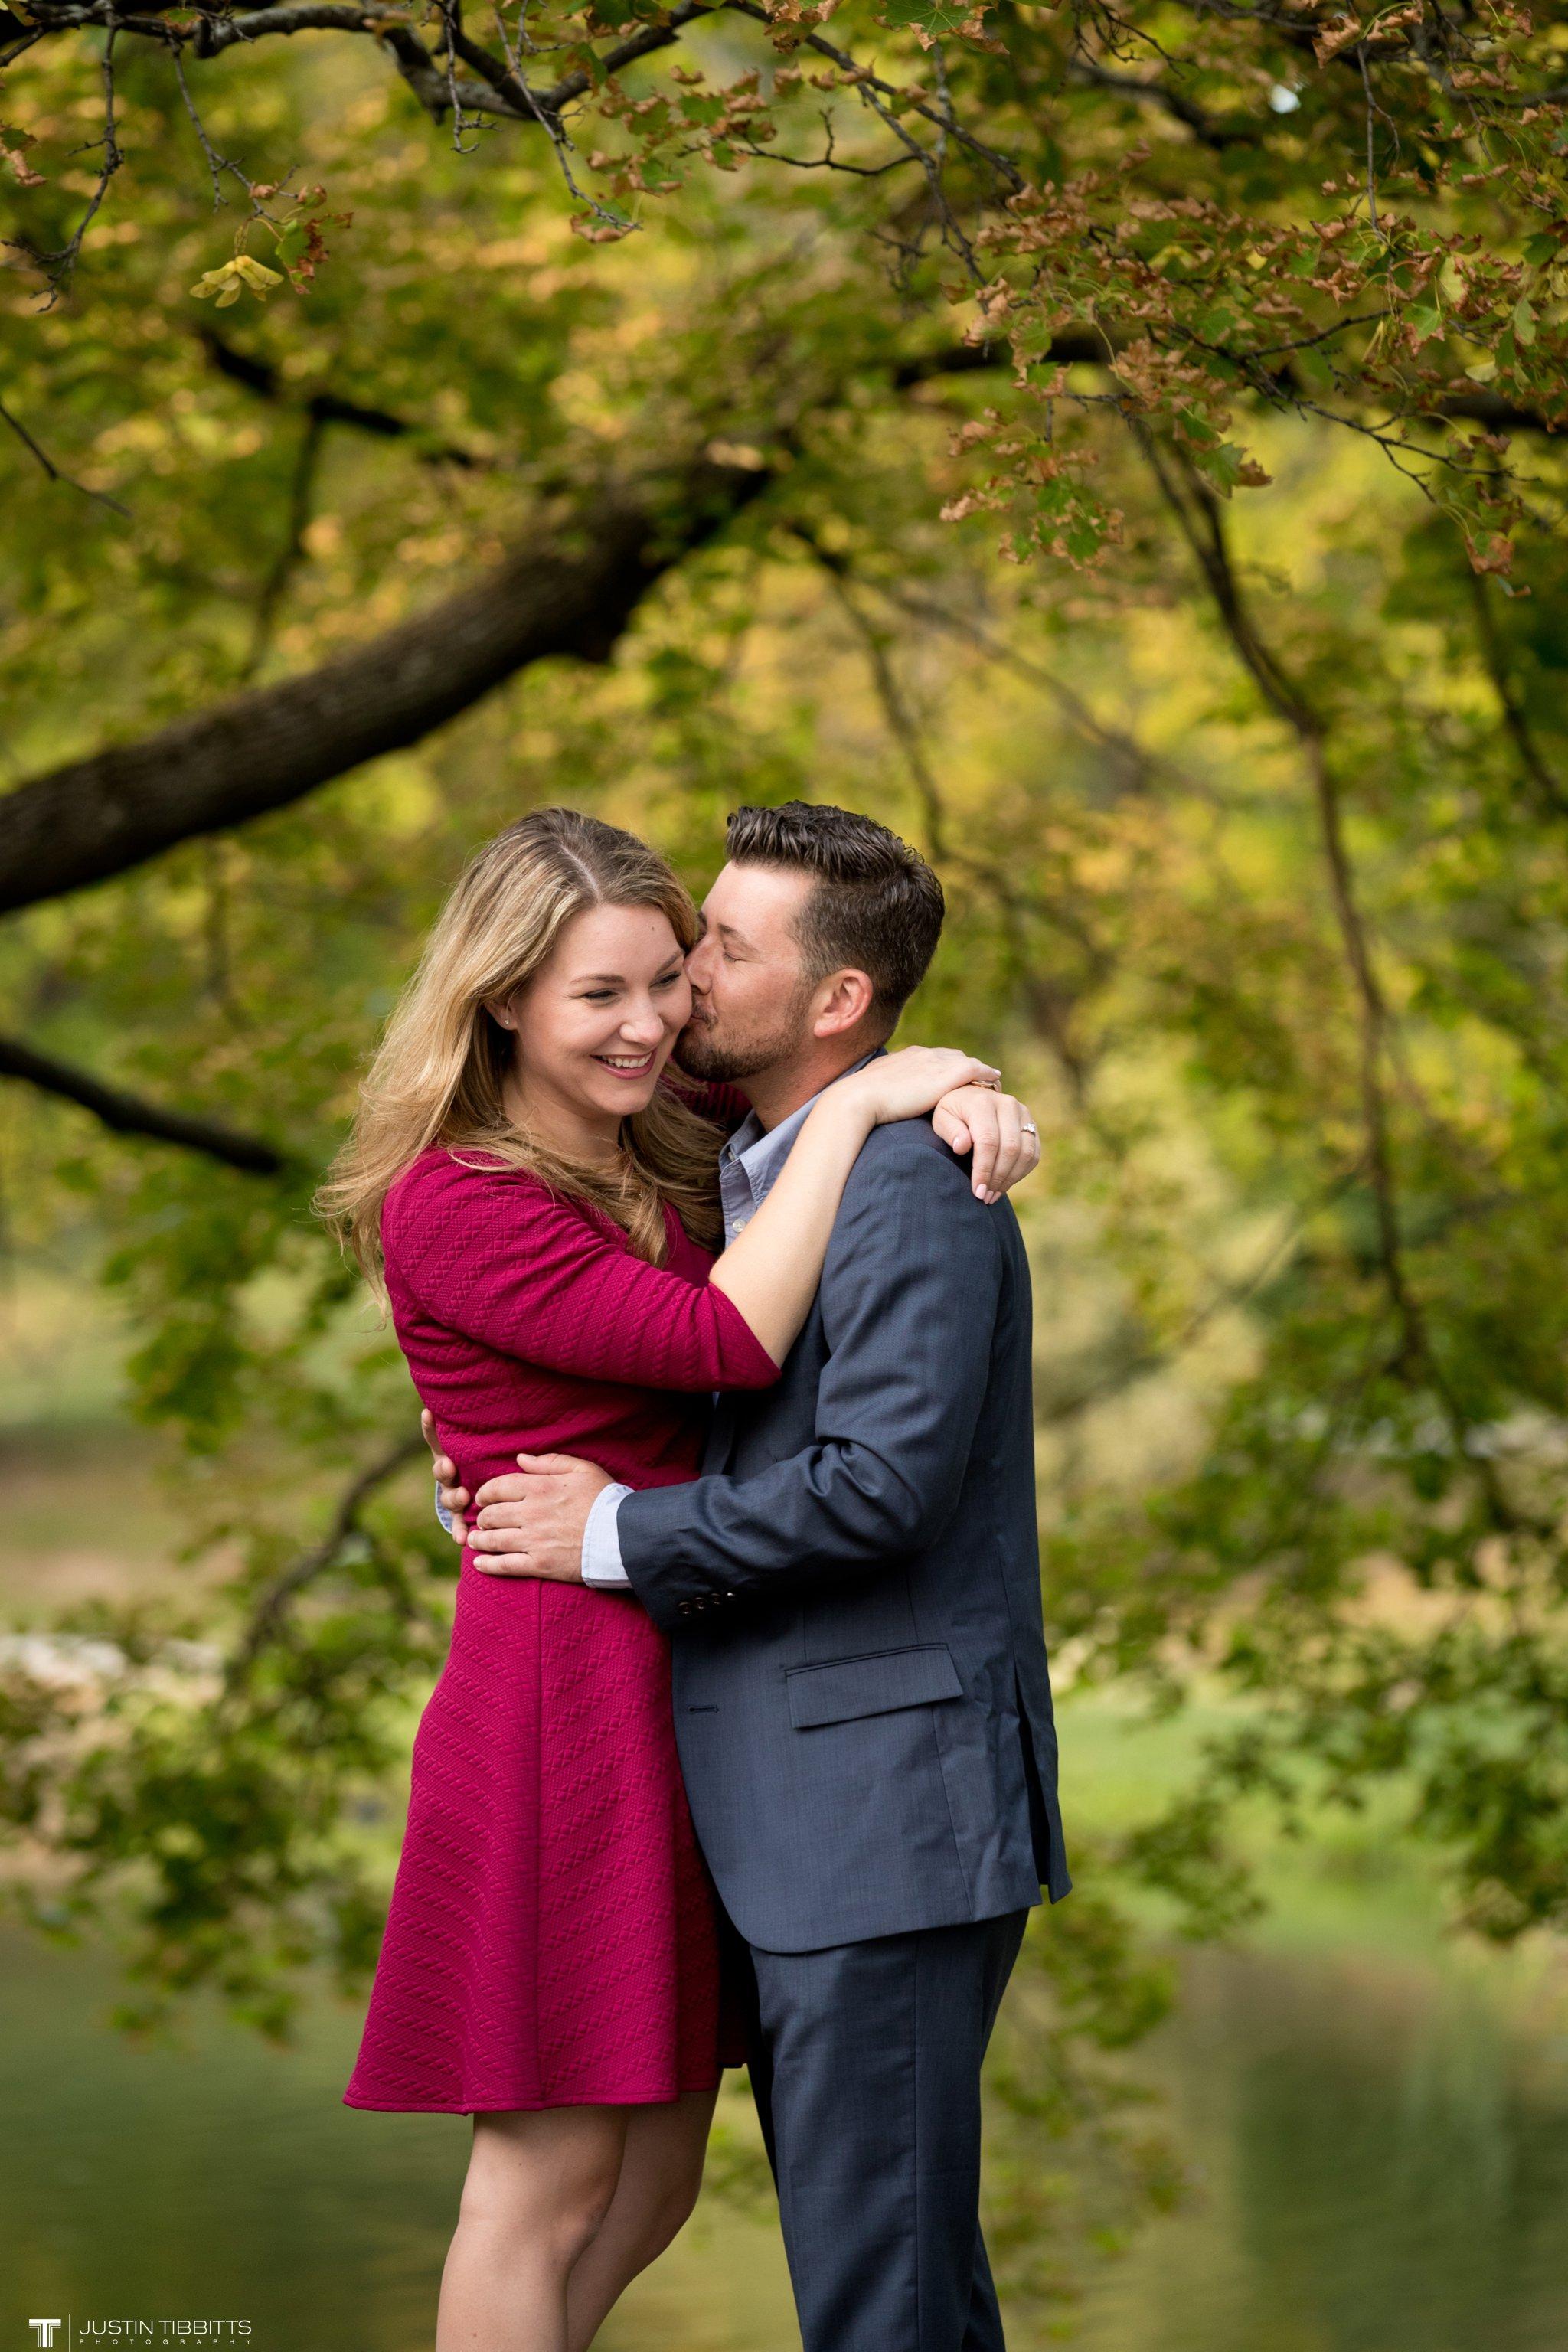 washington-park-albany-ny-engagement-photos-with-andrea-and-dan_0018